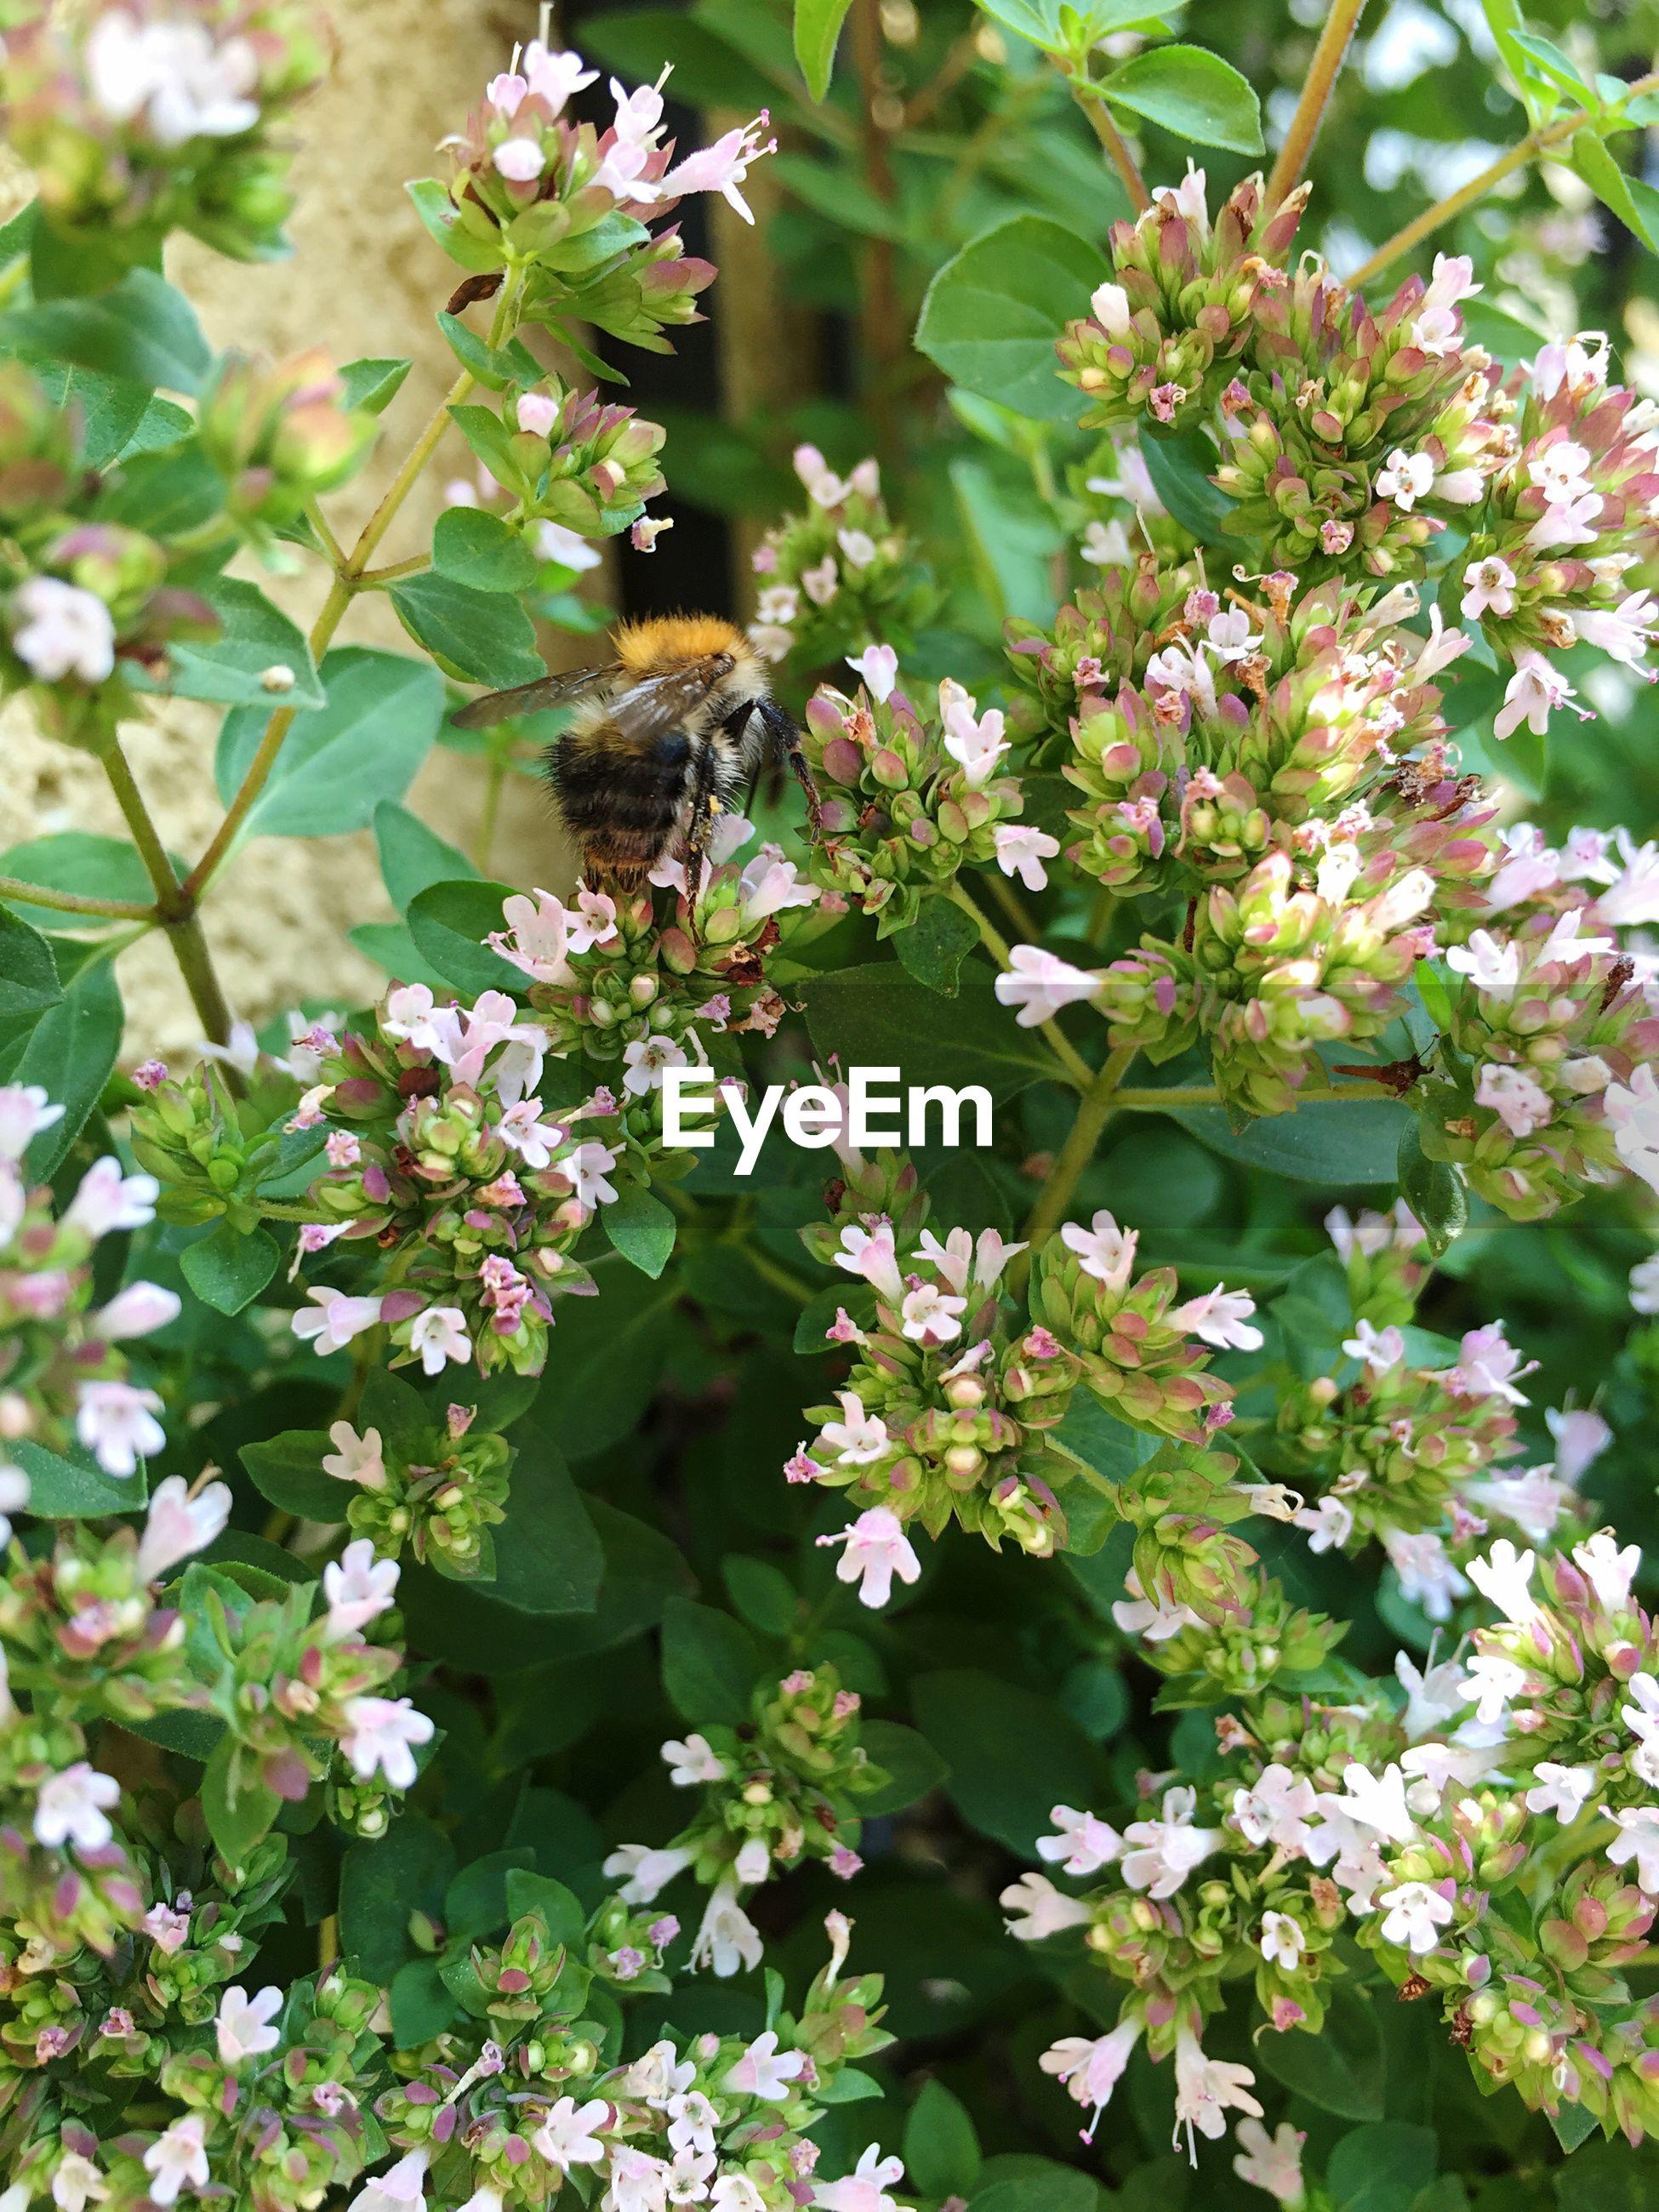 Honey bee on flowering plants